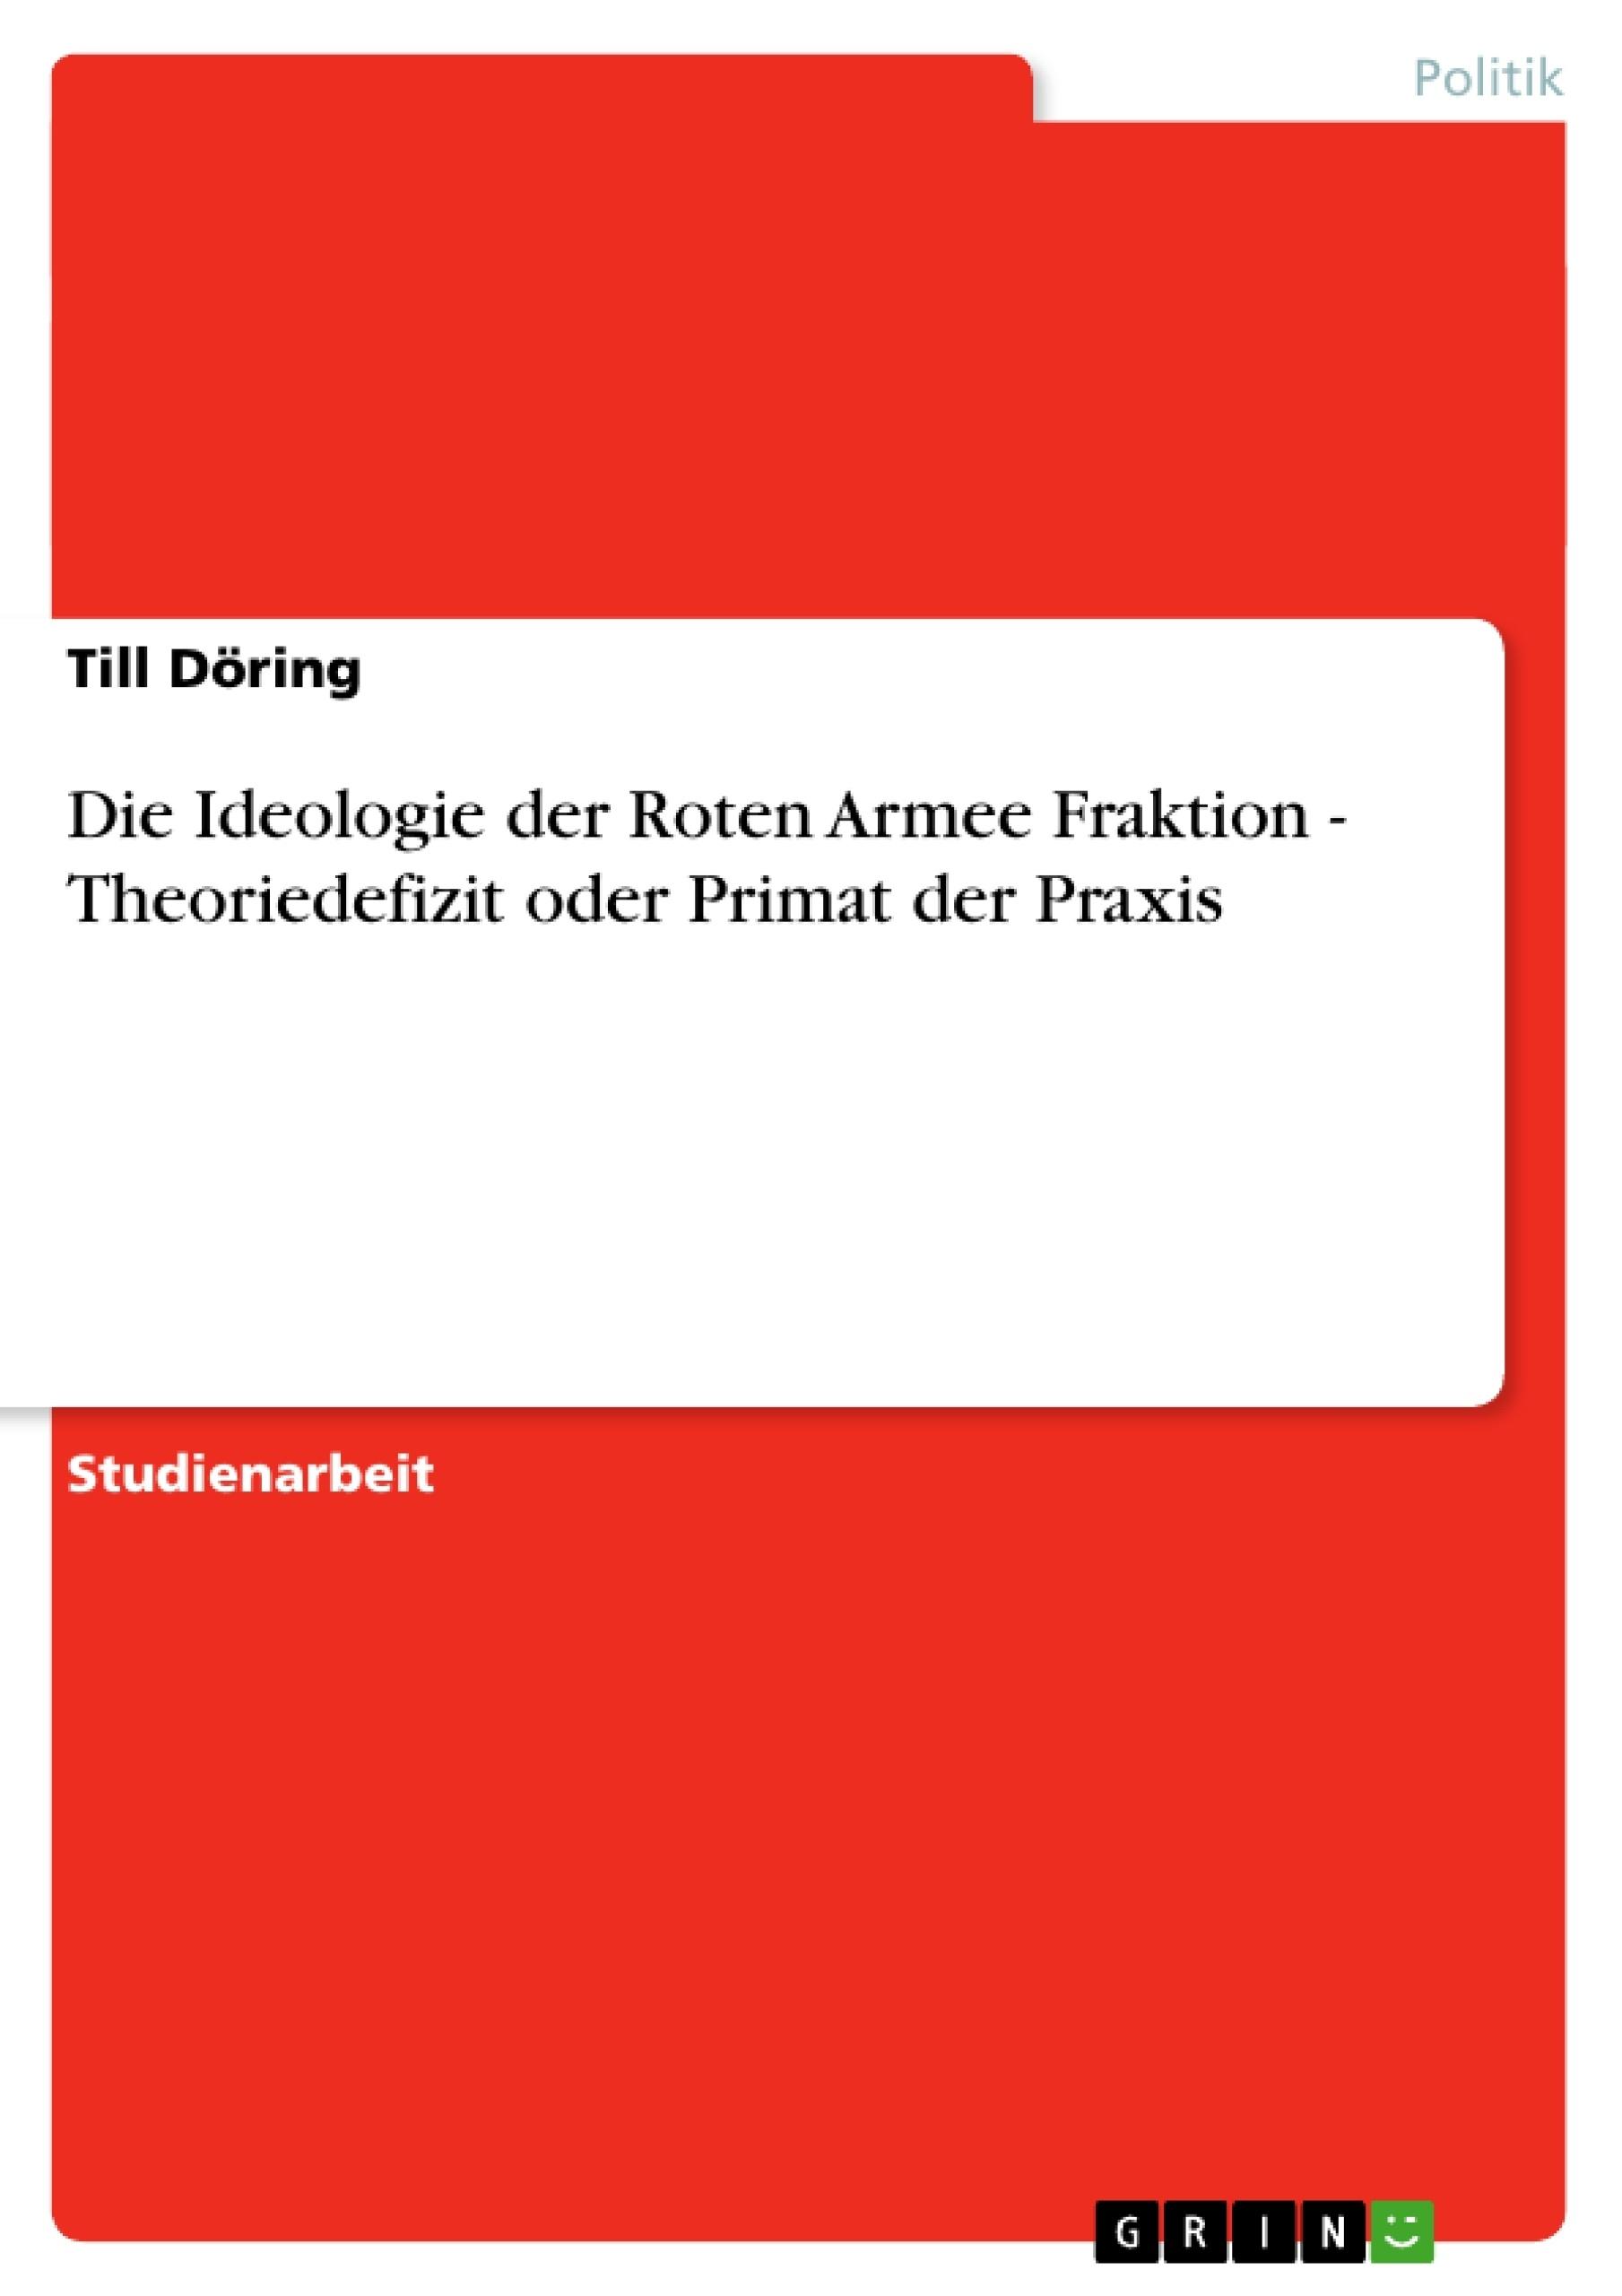 Titel: Die Ideologie der Roten Armee Fraktion - Theoriedefizit oder Primat der Praxis